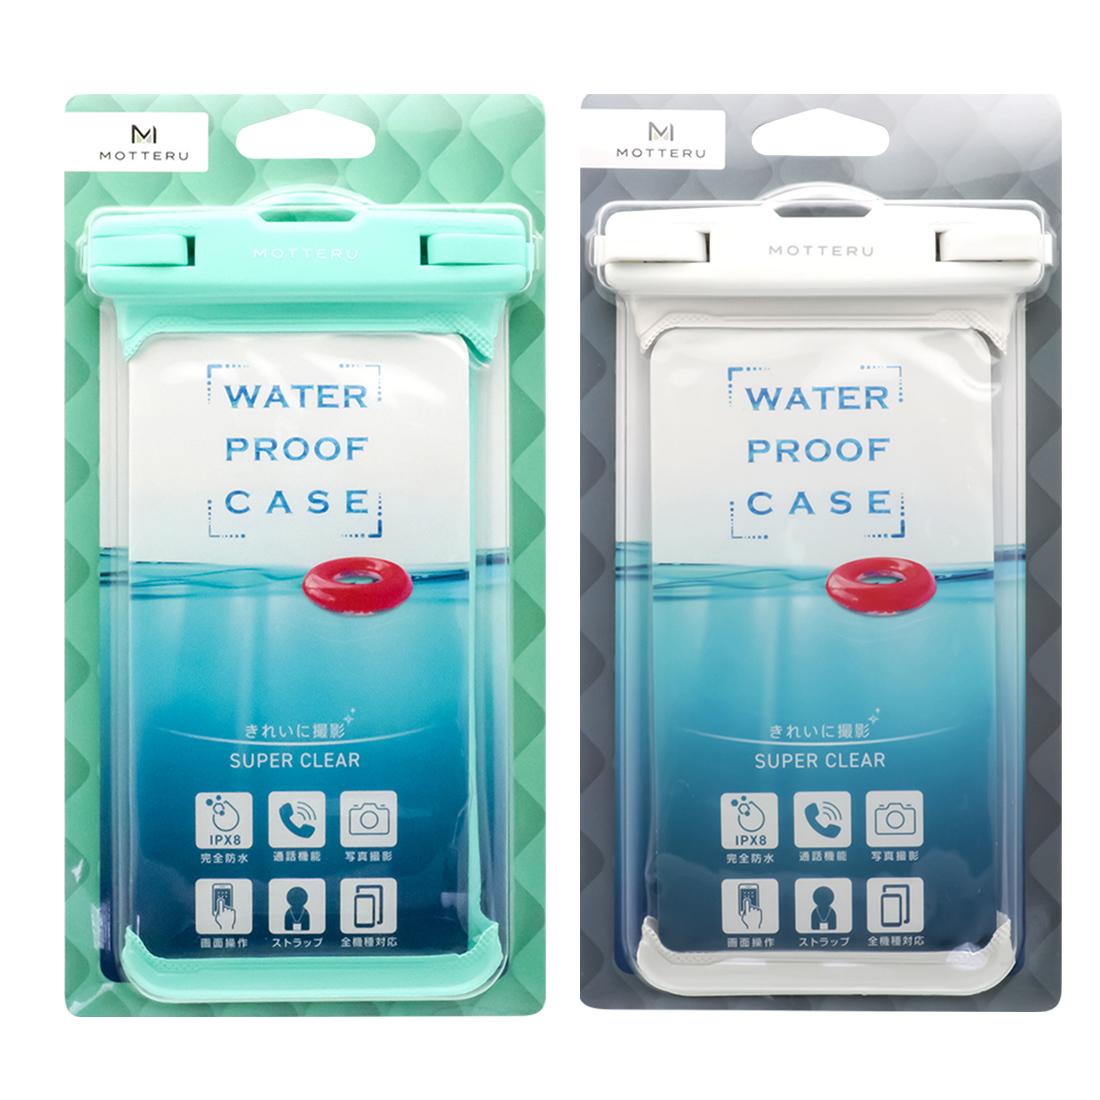 おうち時間をもっと楽しむ!クリアな写真撮影  お風呂で気分も晴れやカラー  スマートフォン用 防水ケース